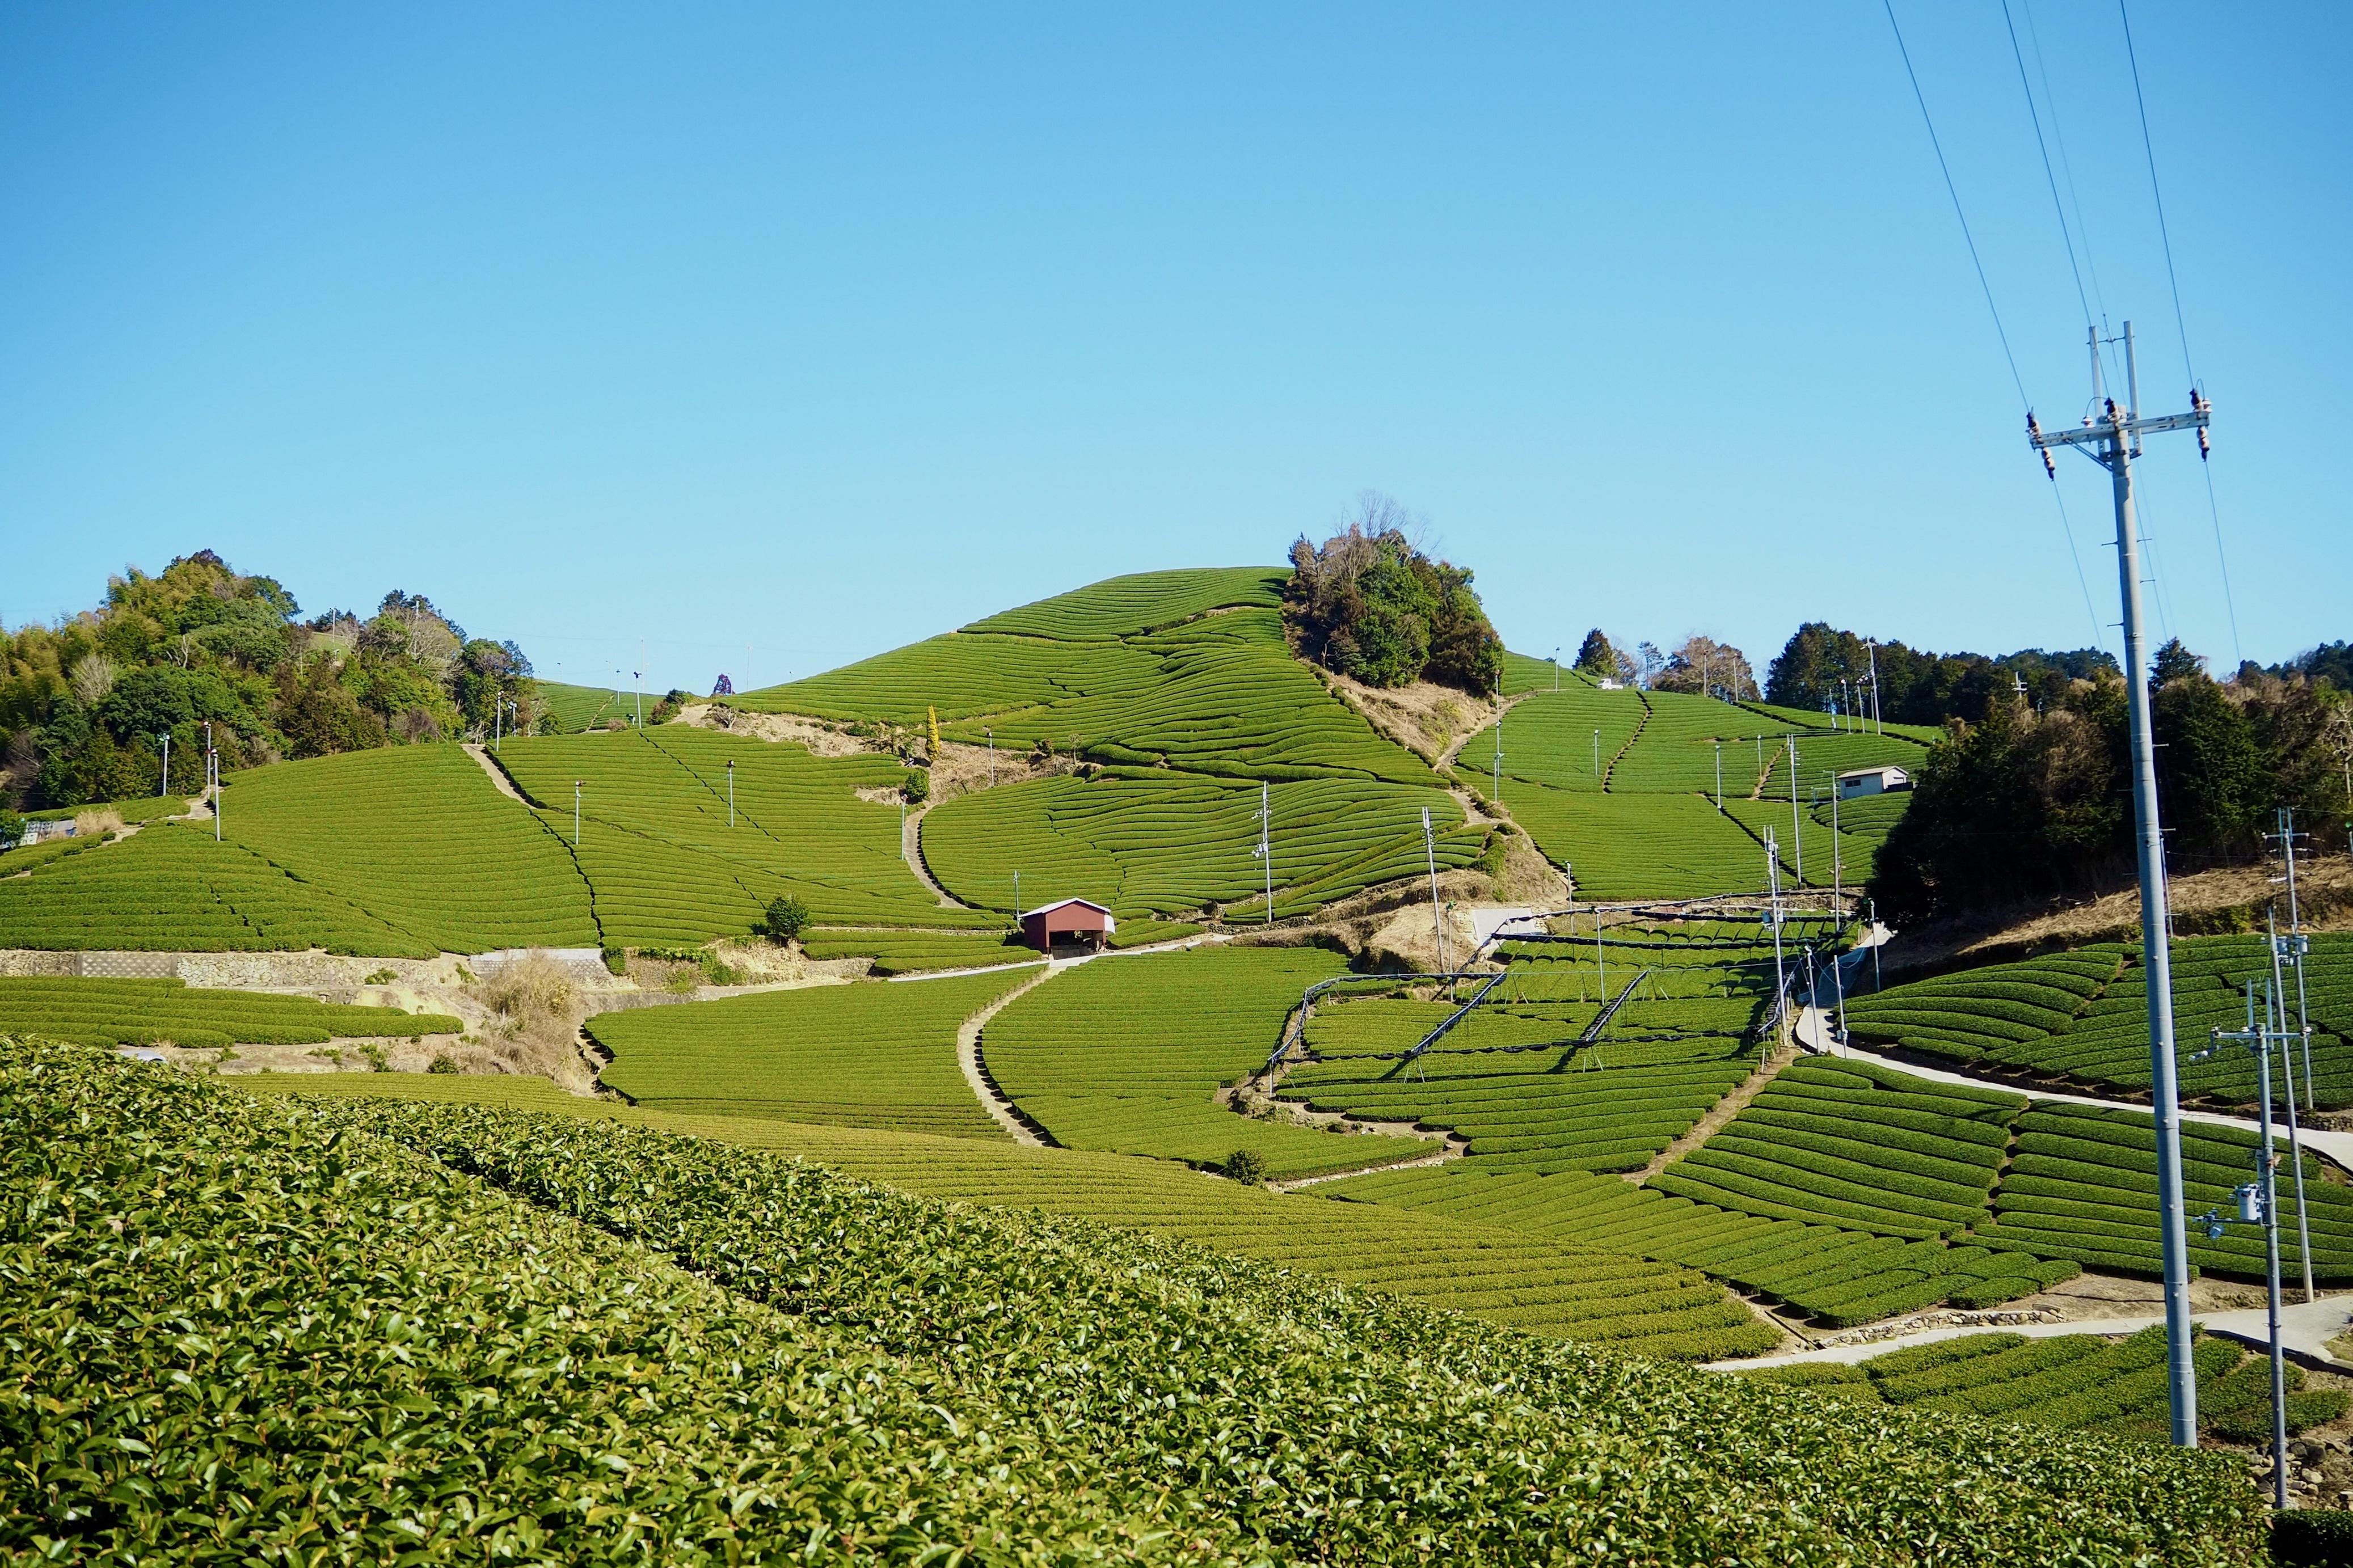 ぴーきち&ダイナ 京都府和束町 茶畑ツーリング 石寺の茶畑 メイン画像